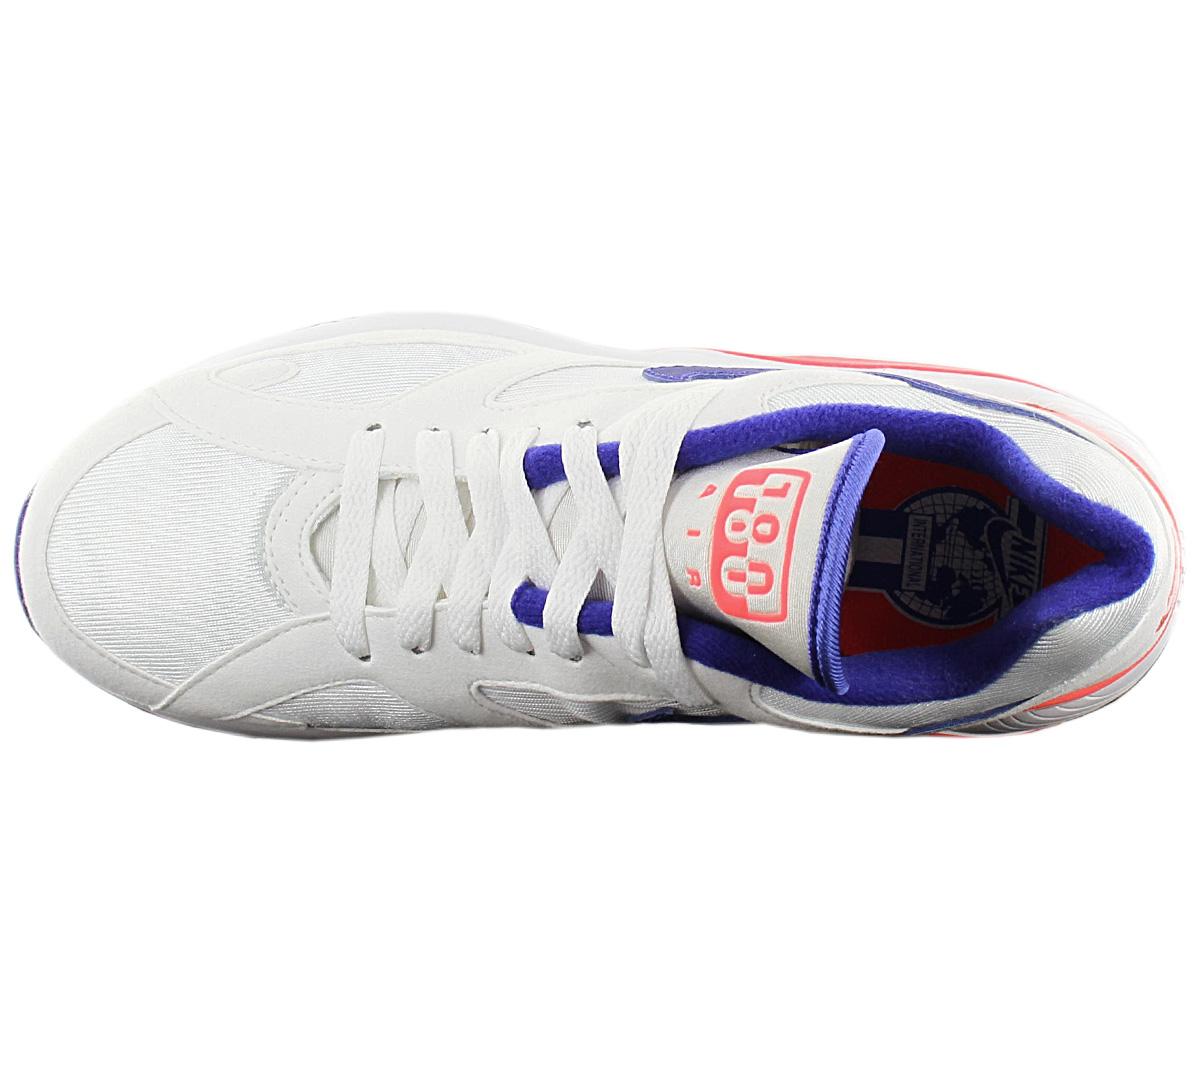 Nike Schuhe Air Max 180 AH6786 100 WhiteUltramarineSolar Red